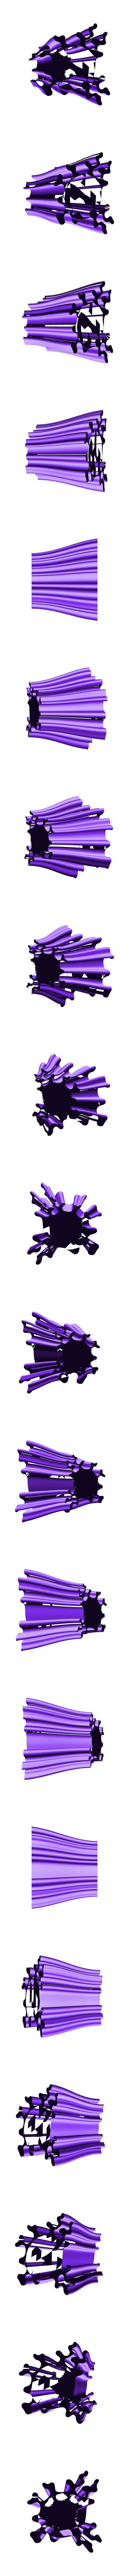 penholder-14.stl Download free STL file Wavy Penholders Collection (15 files) • 3D print design, ferjerez3d